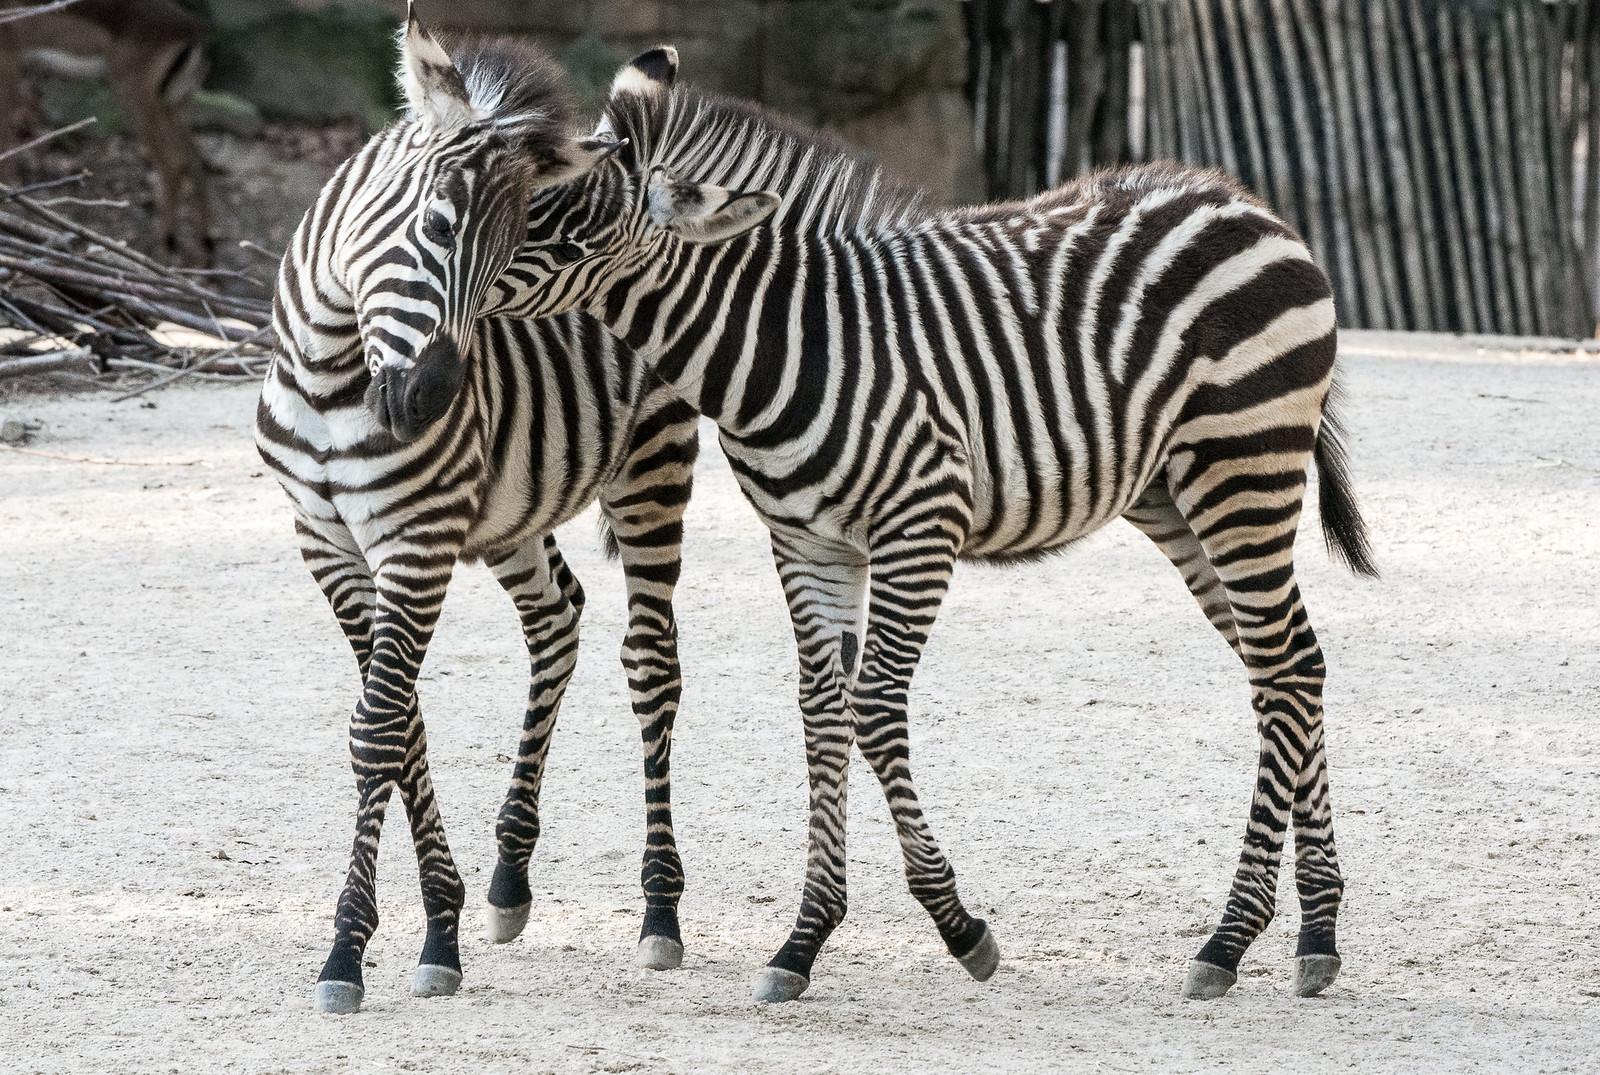 Zebras_Two_024